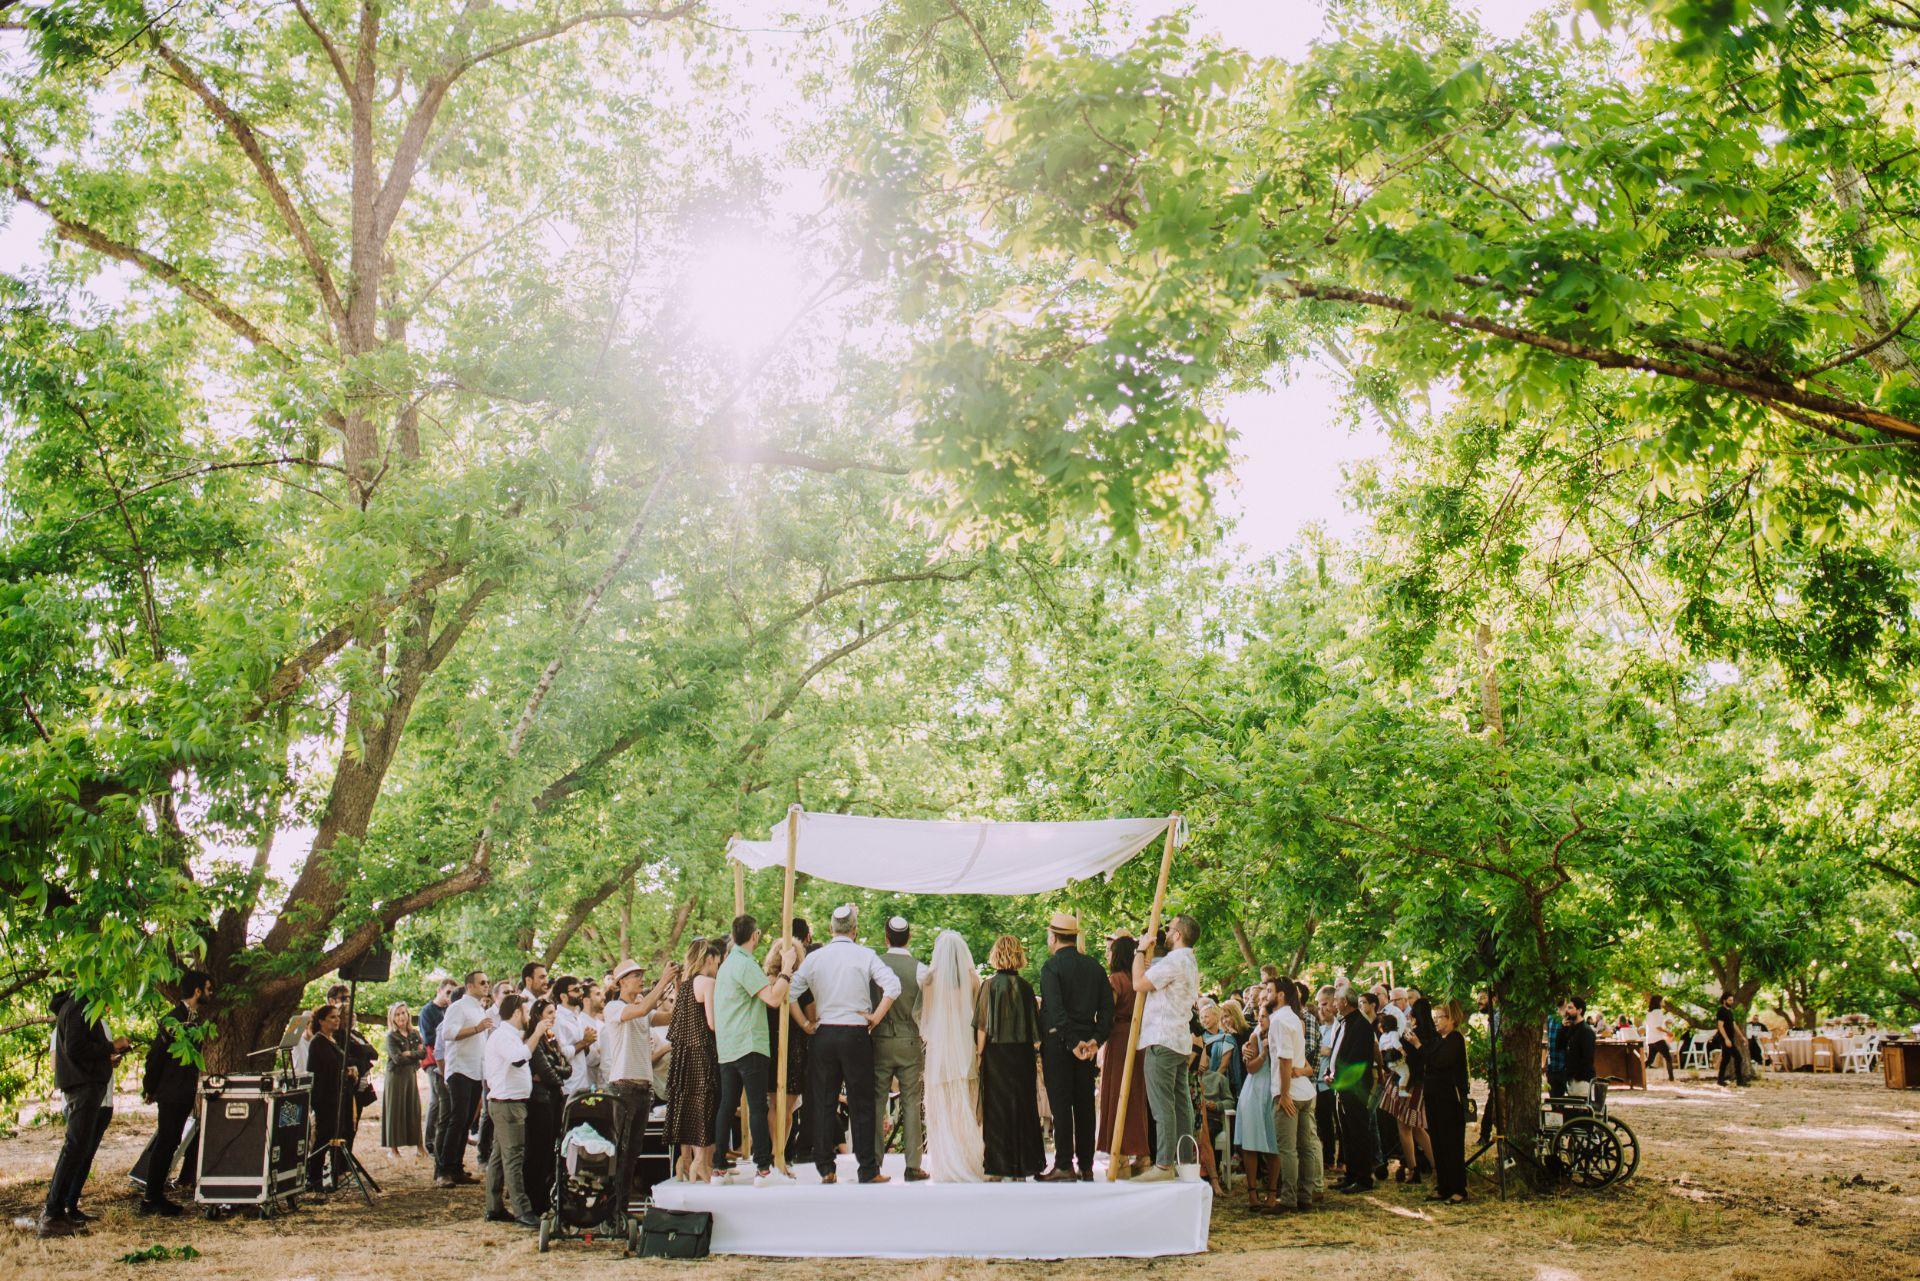 כשאחות הכלה היא מעצבת: חתונת הטבע הפינטרסטית המושלמת